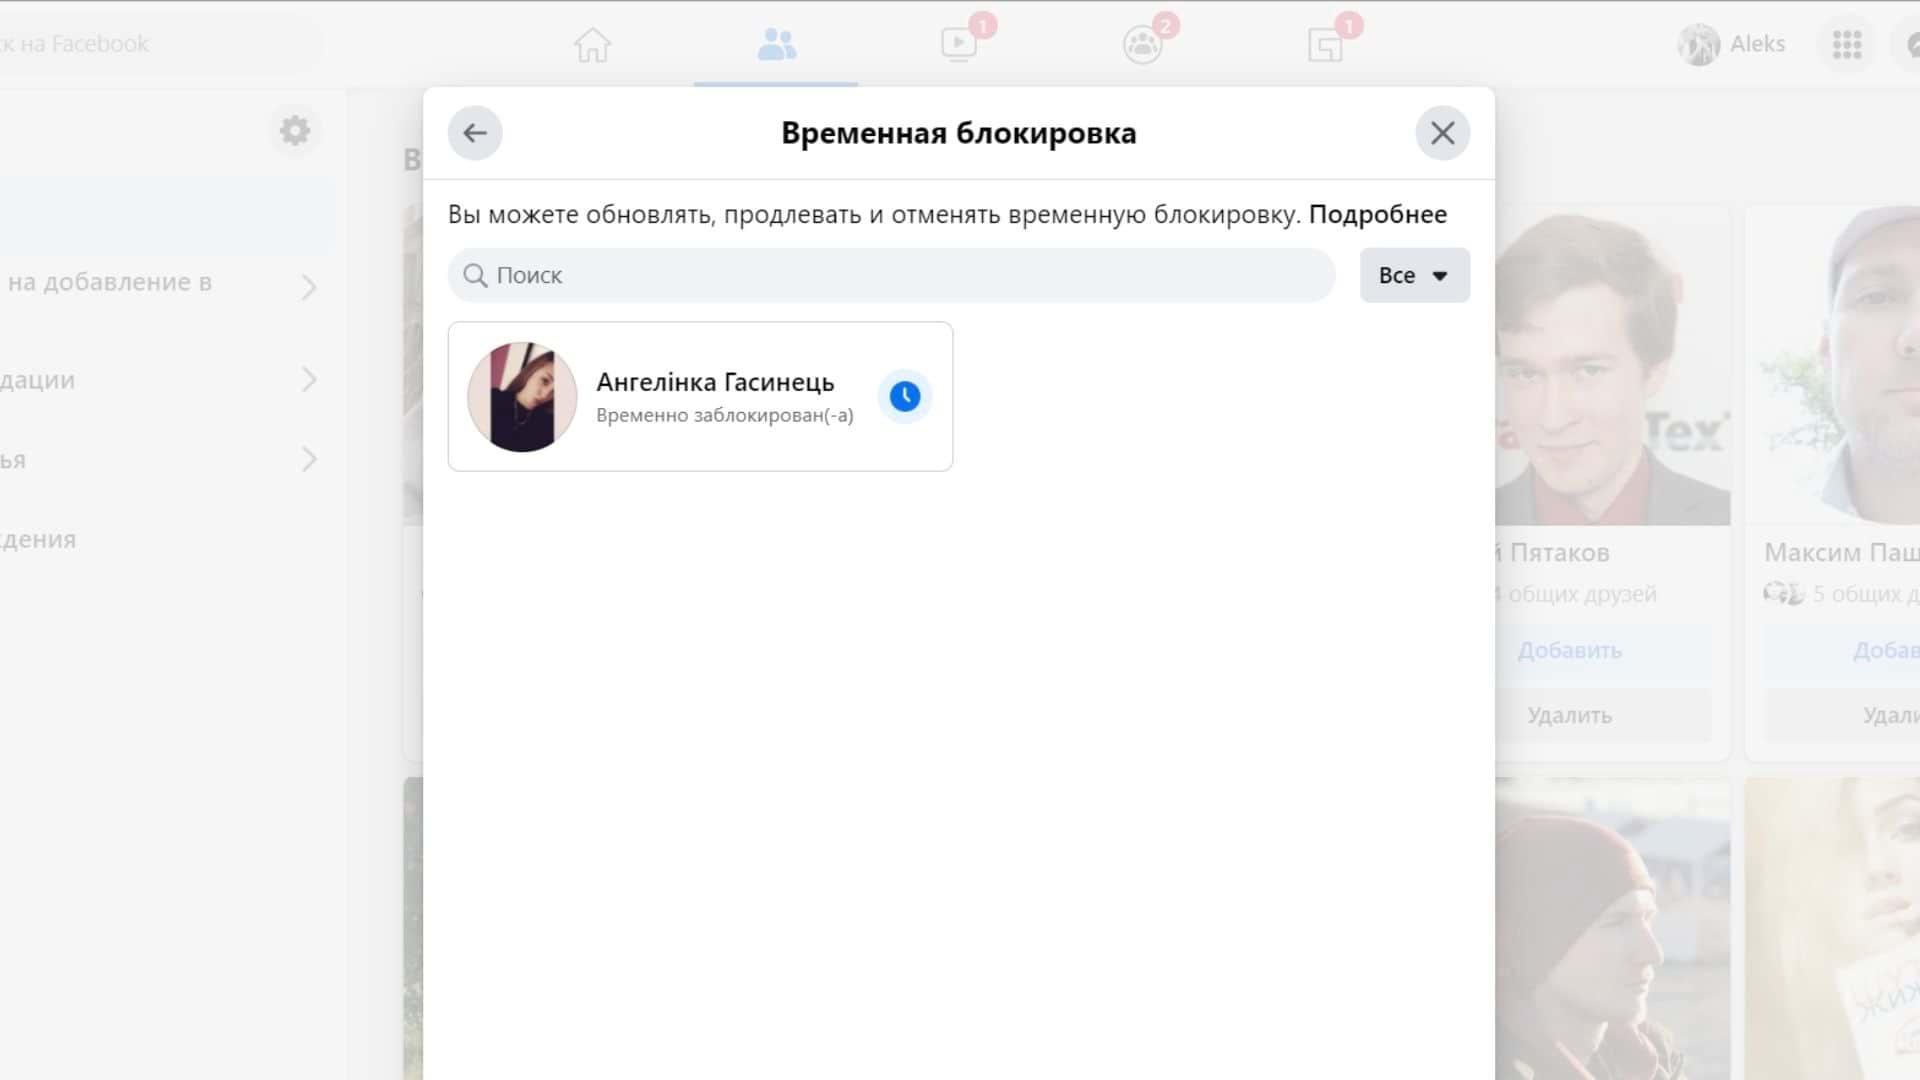 Как настроить новостную ленту в Фейсбуке – инструкция